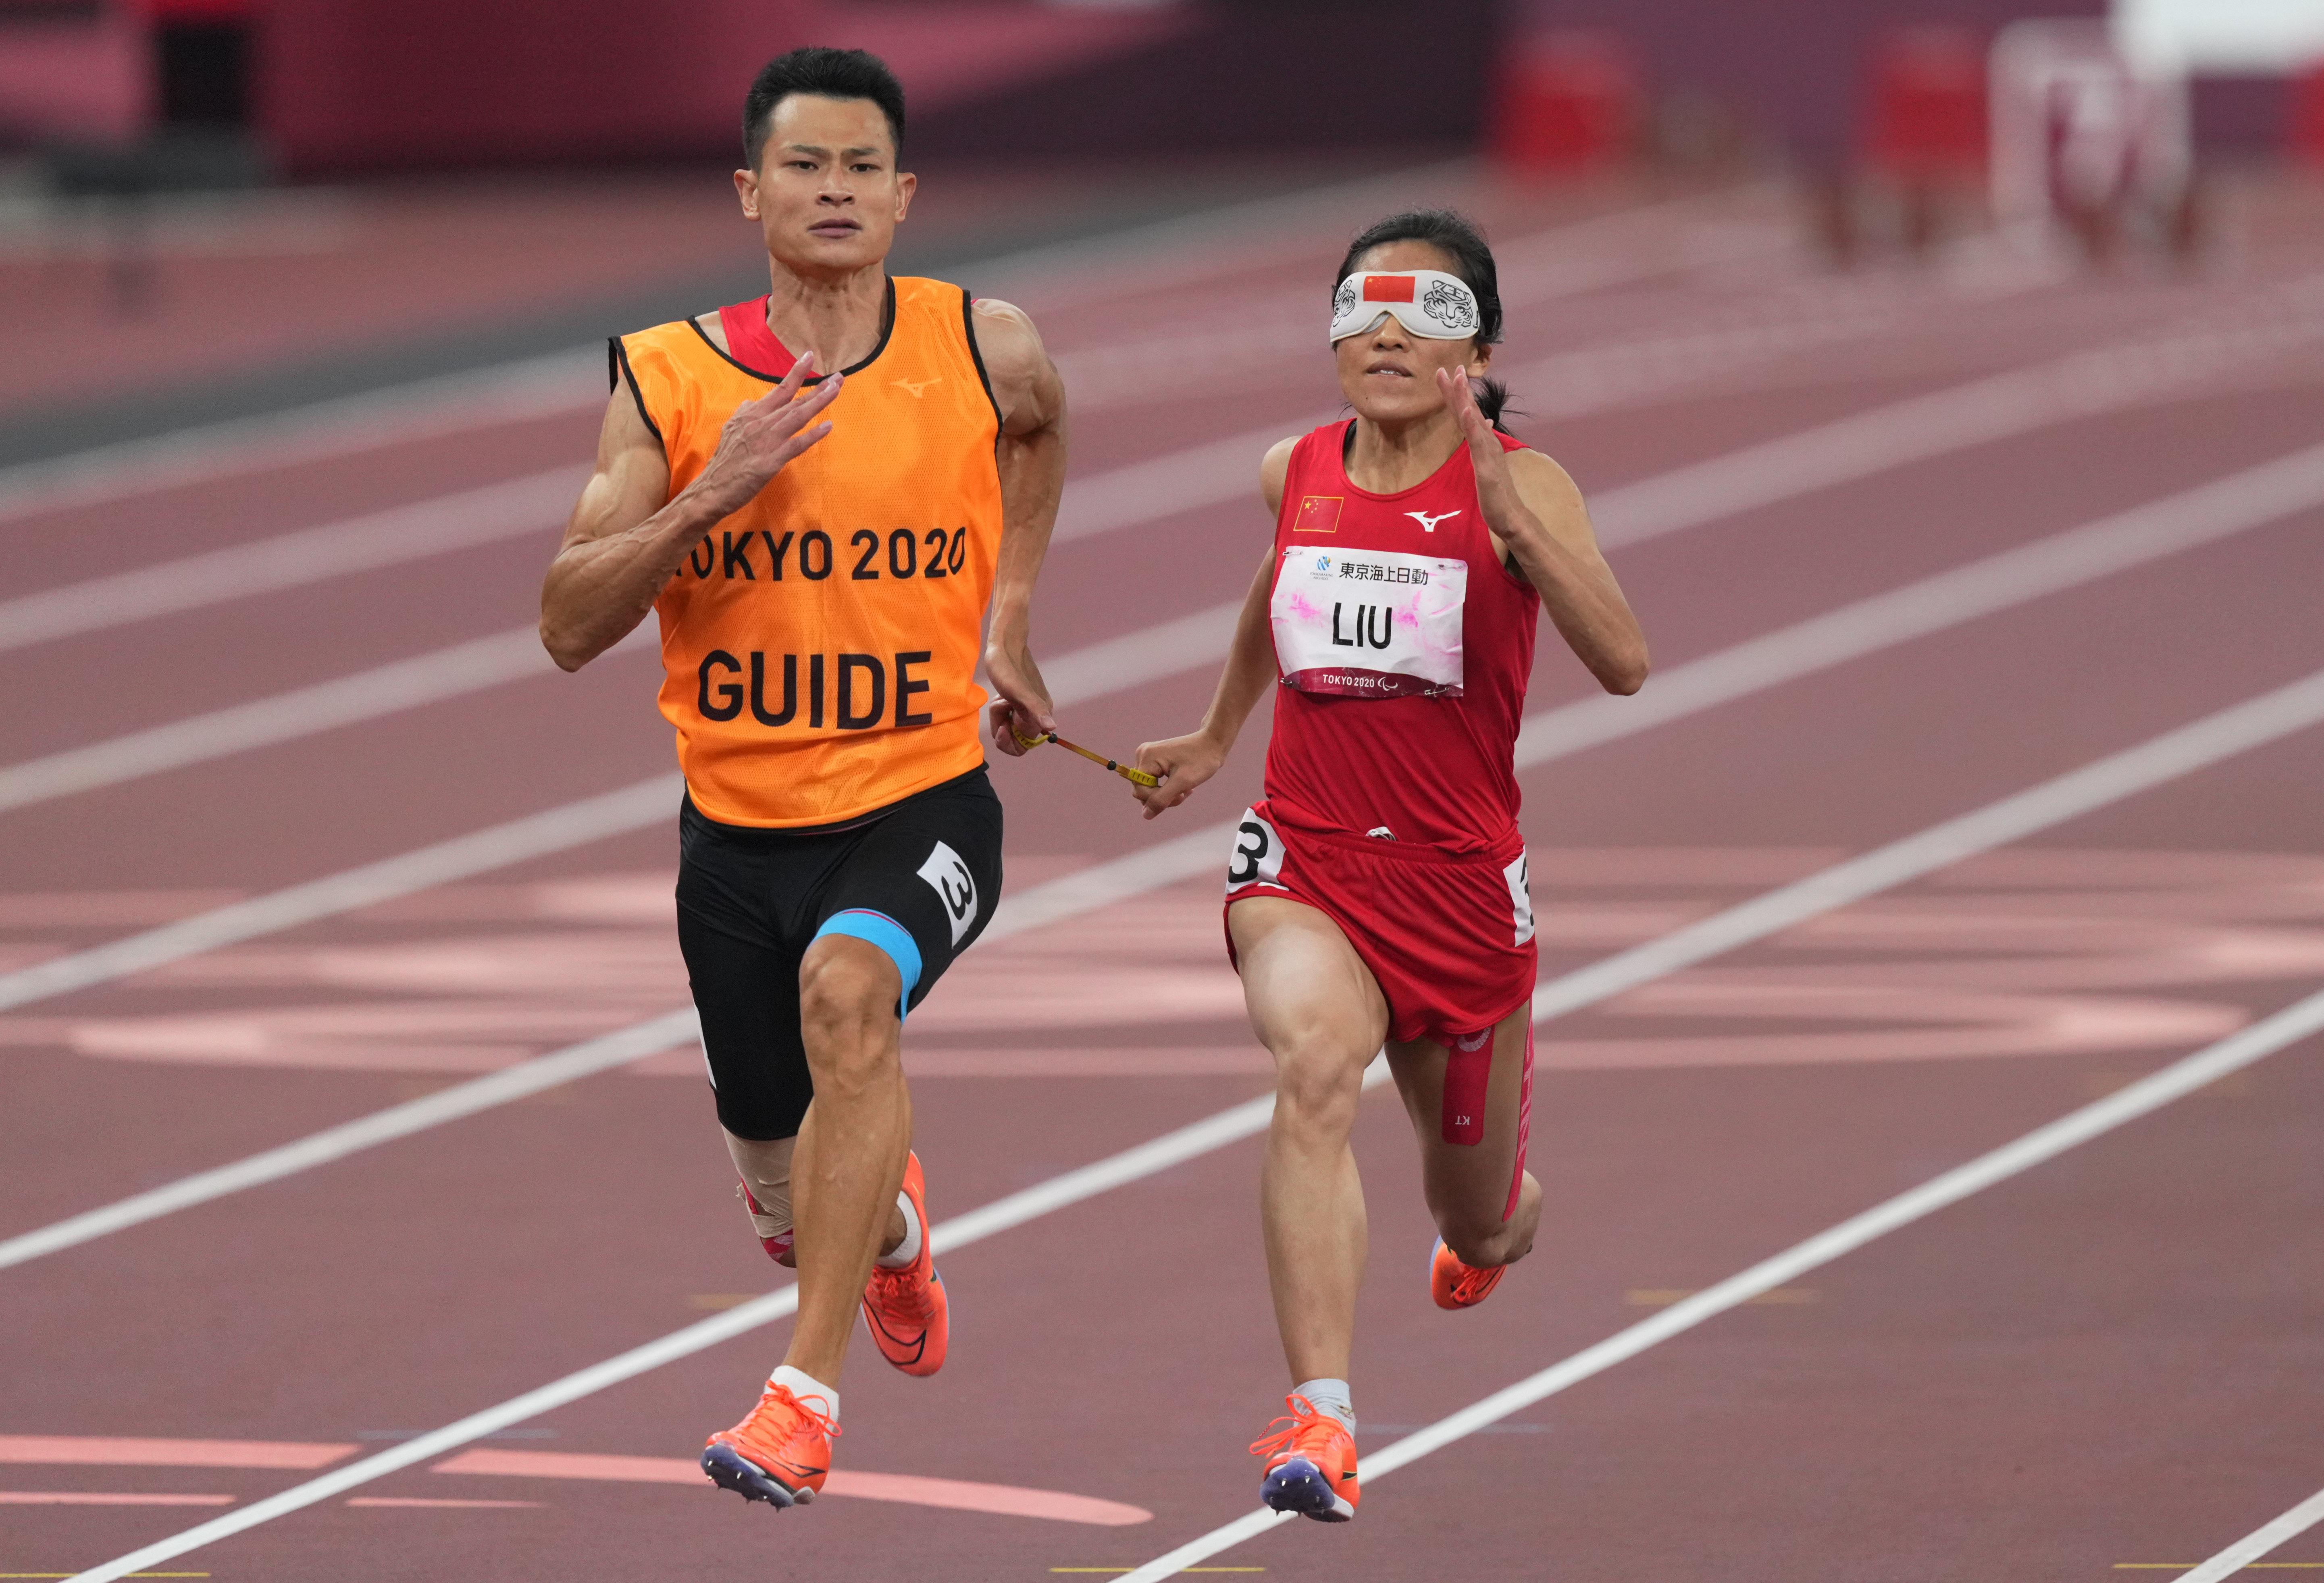 刘翠青和领跑员徐冬林。